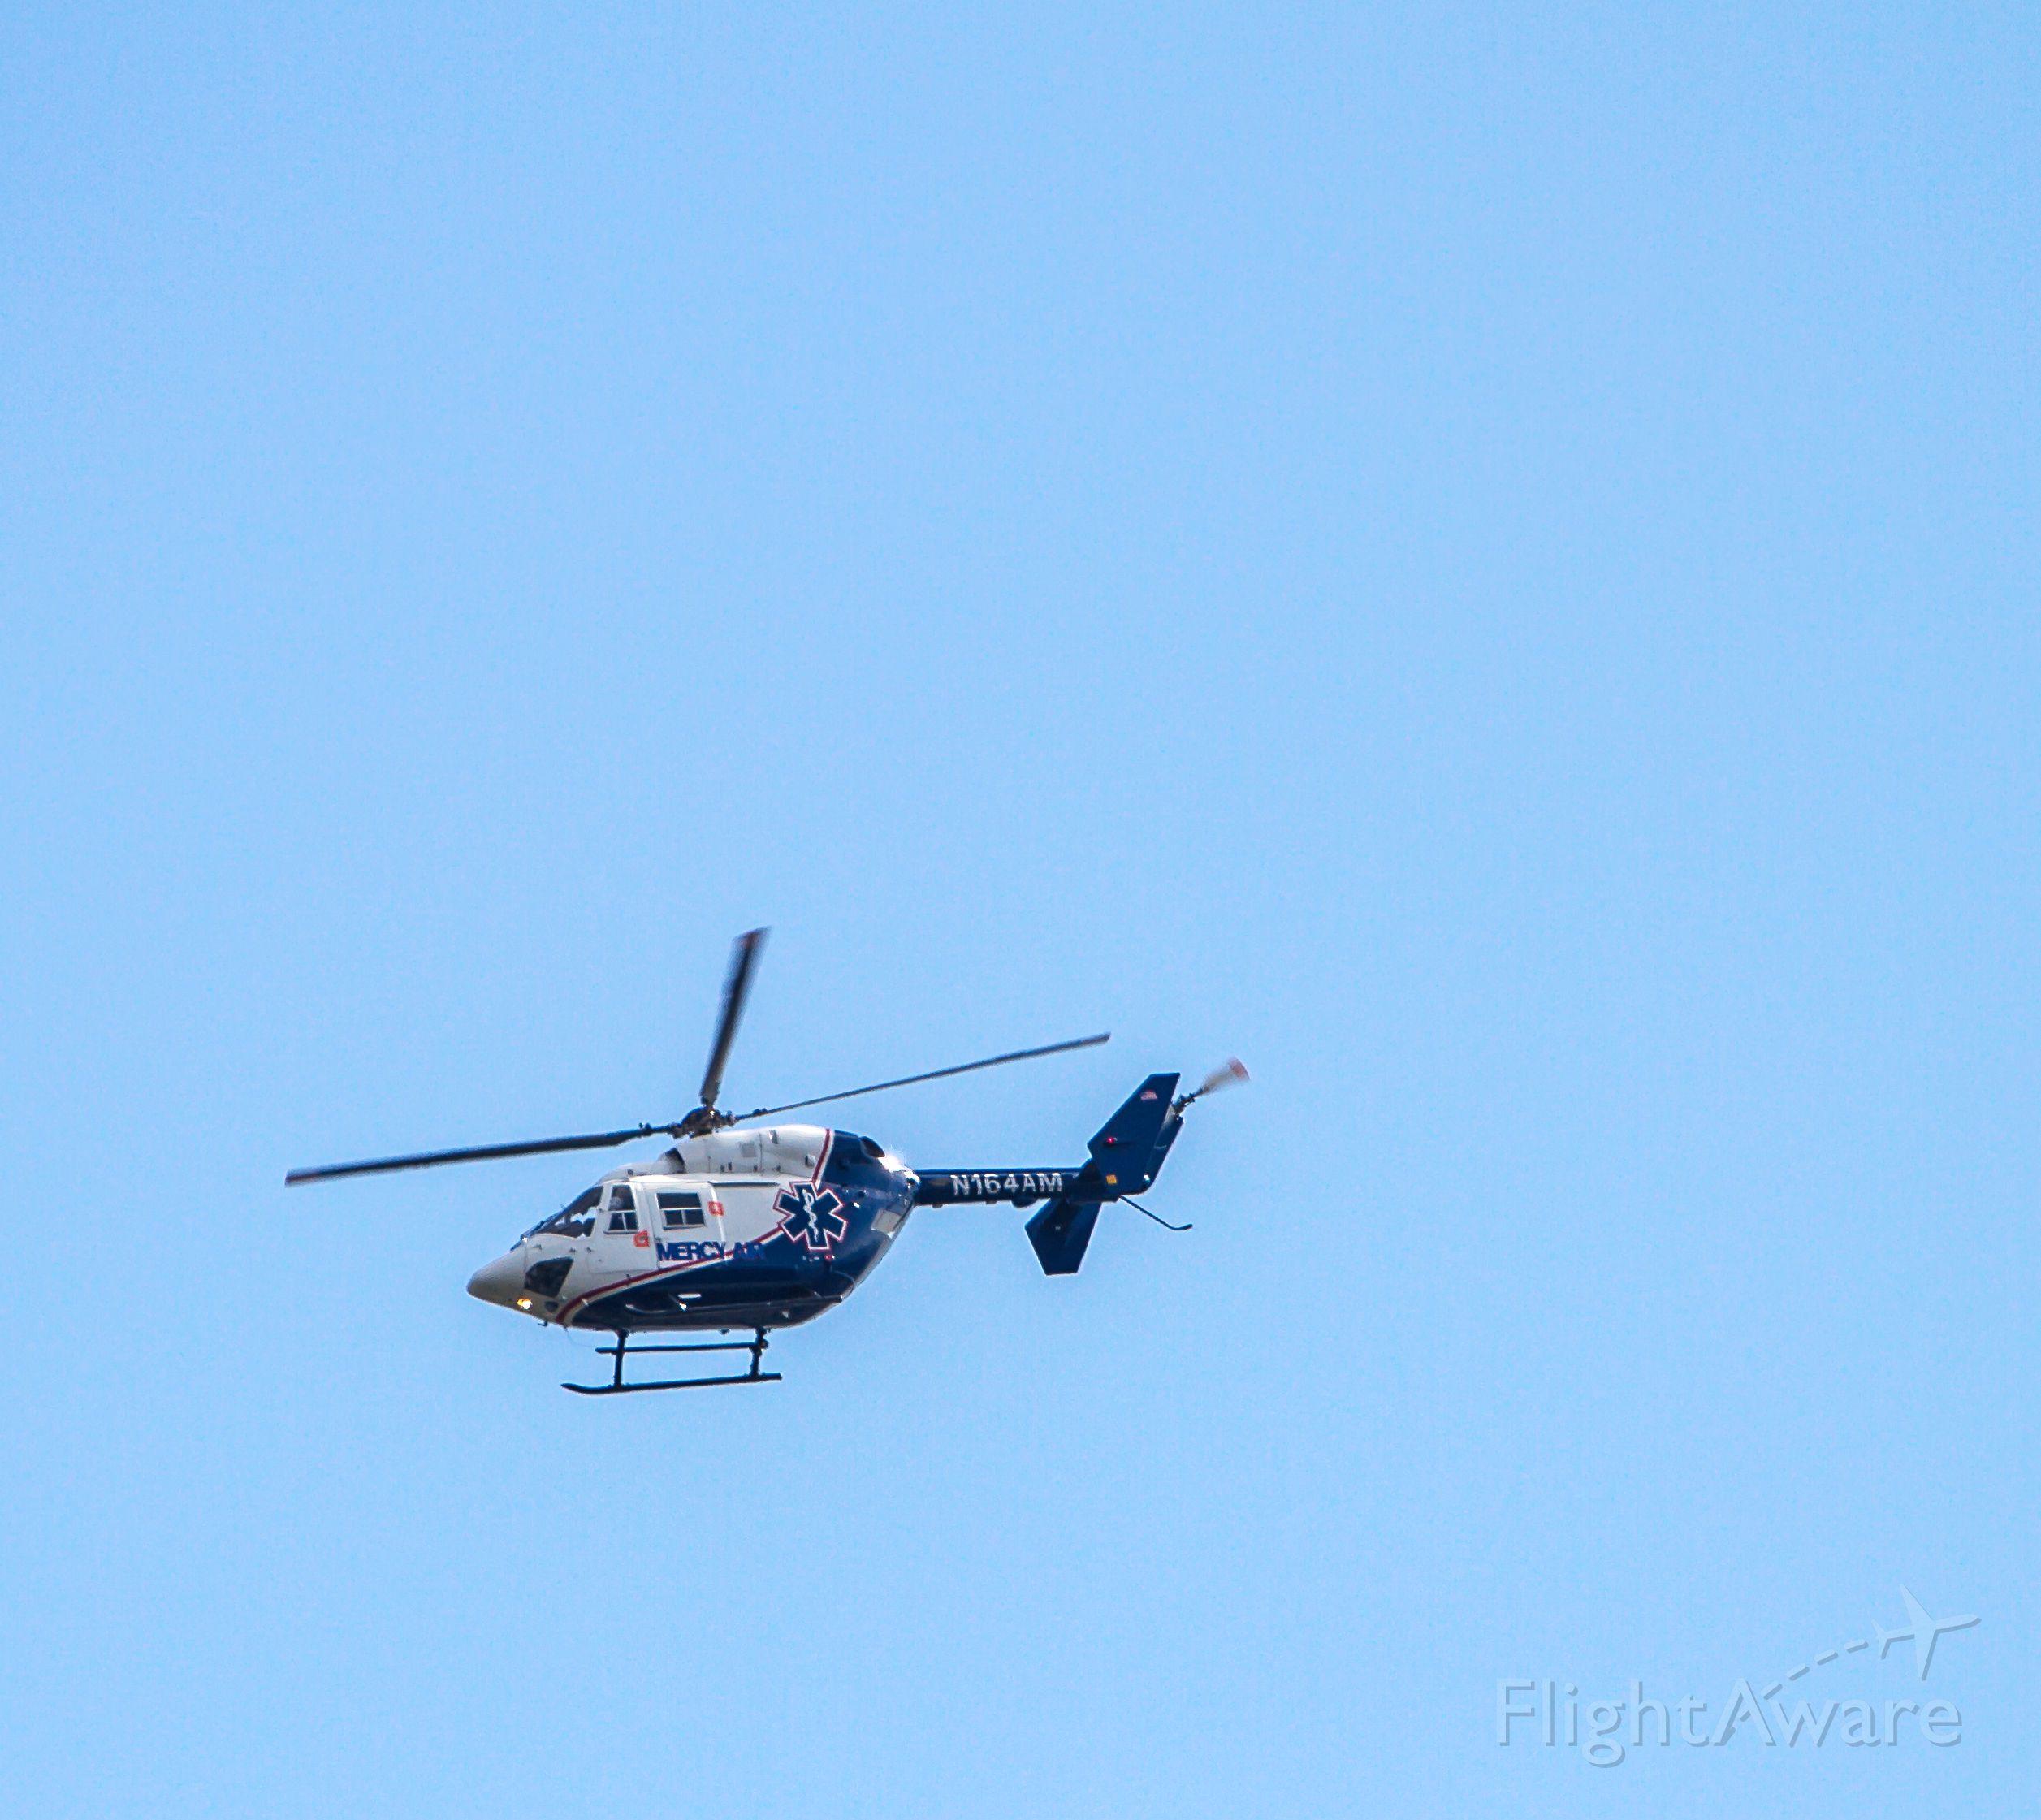 NUSANTARA NBK-117 (N164AM) - Mercy Air eastbound over the LA River near Long Beach....4-12-14